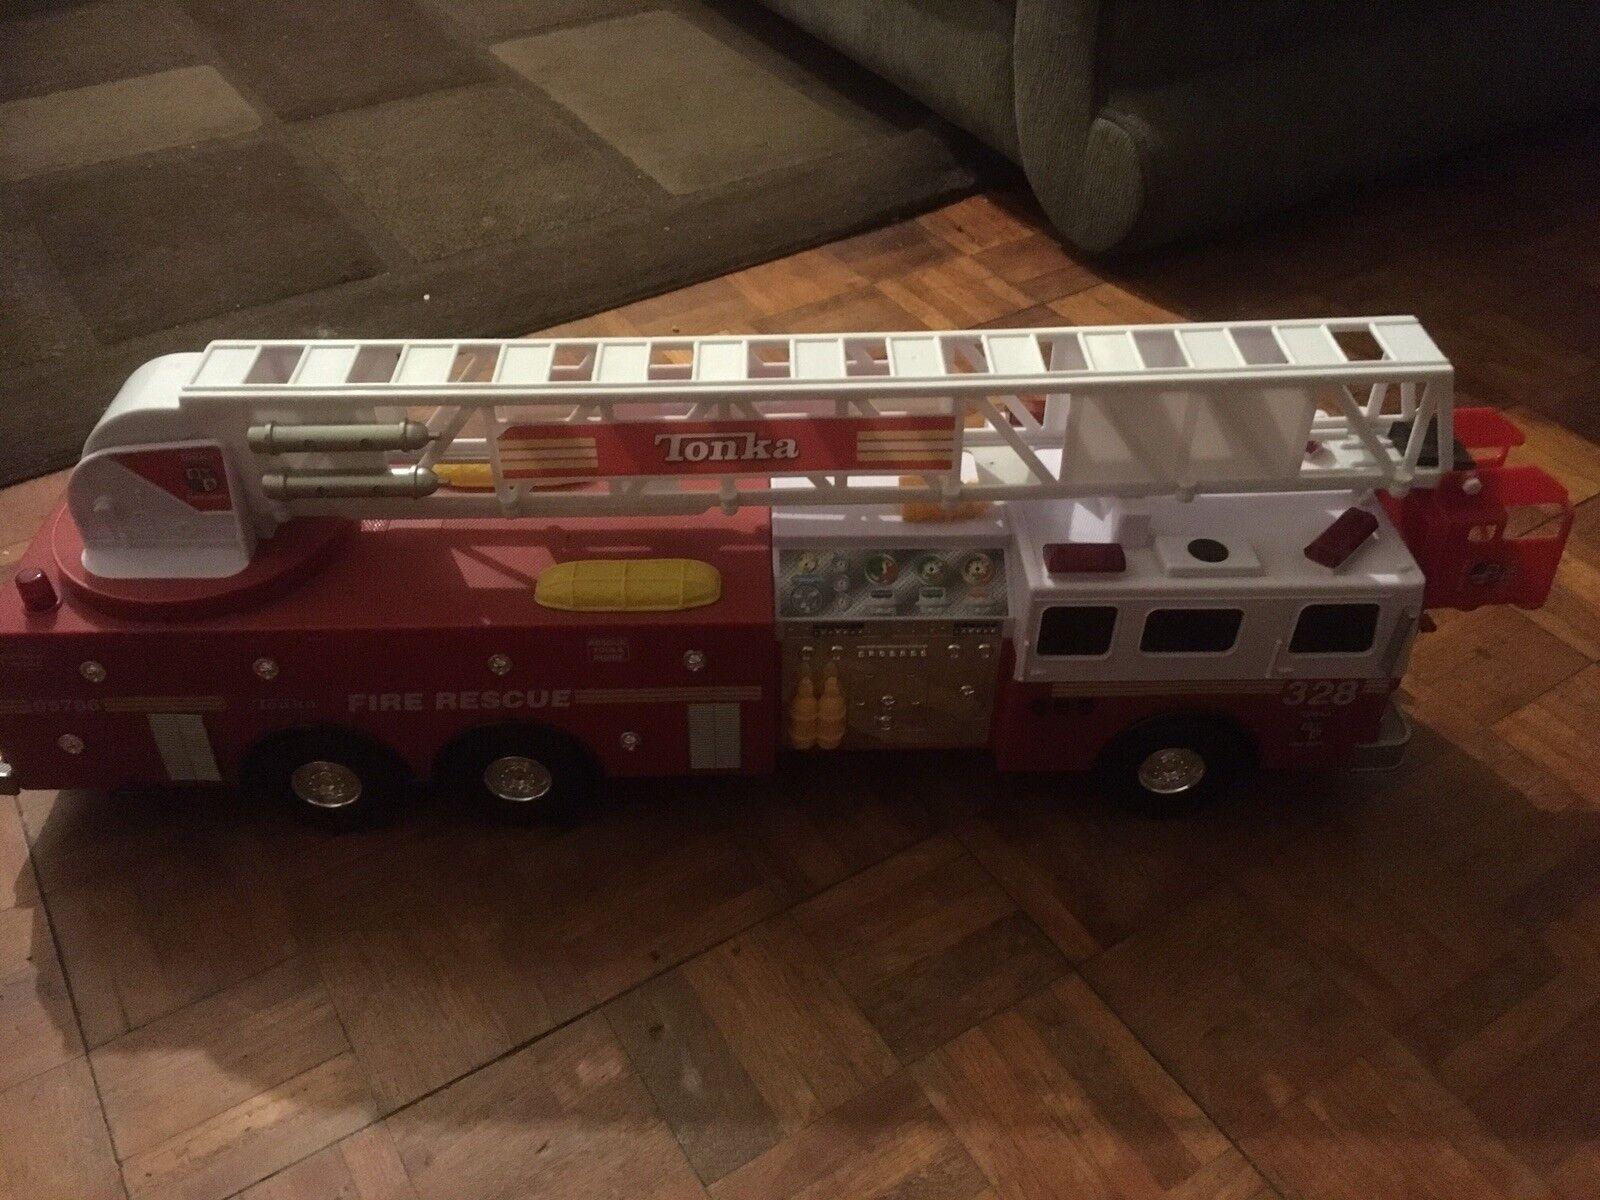 Tonka Camión De Bomberos Rescate 2018 Hasbro 88cm de longitud